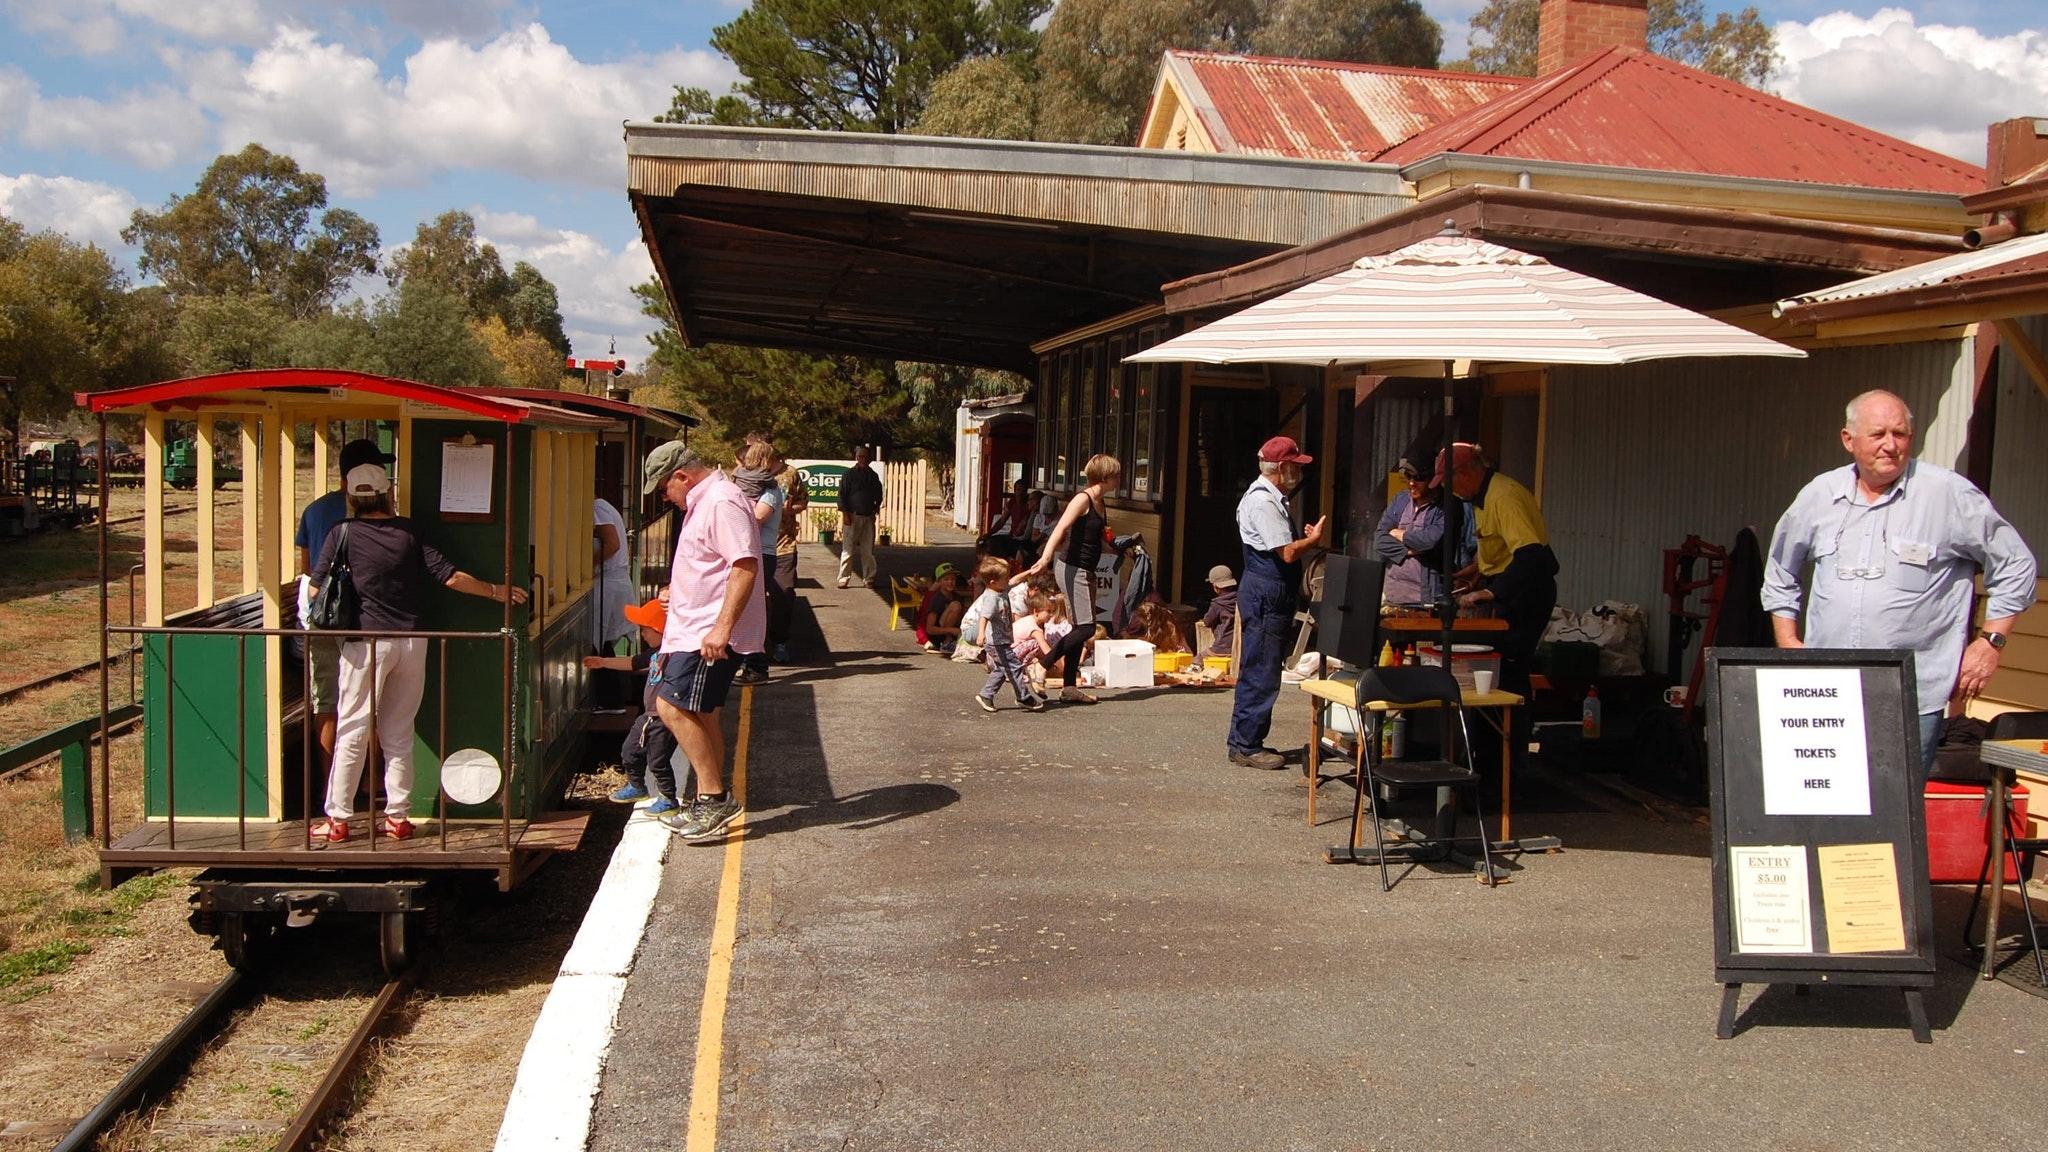 Alexandra Timber tramway Museum